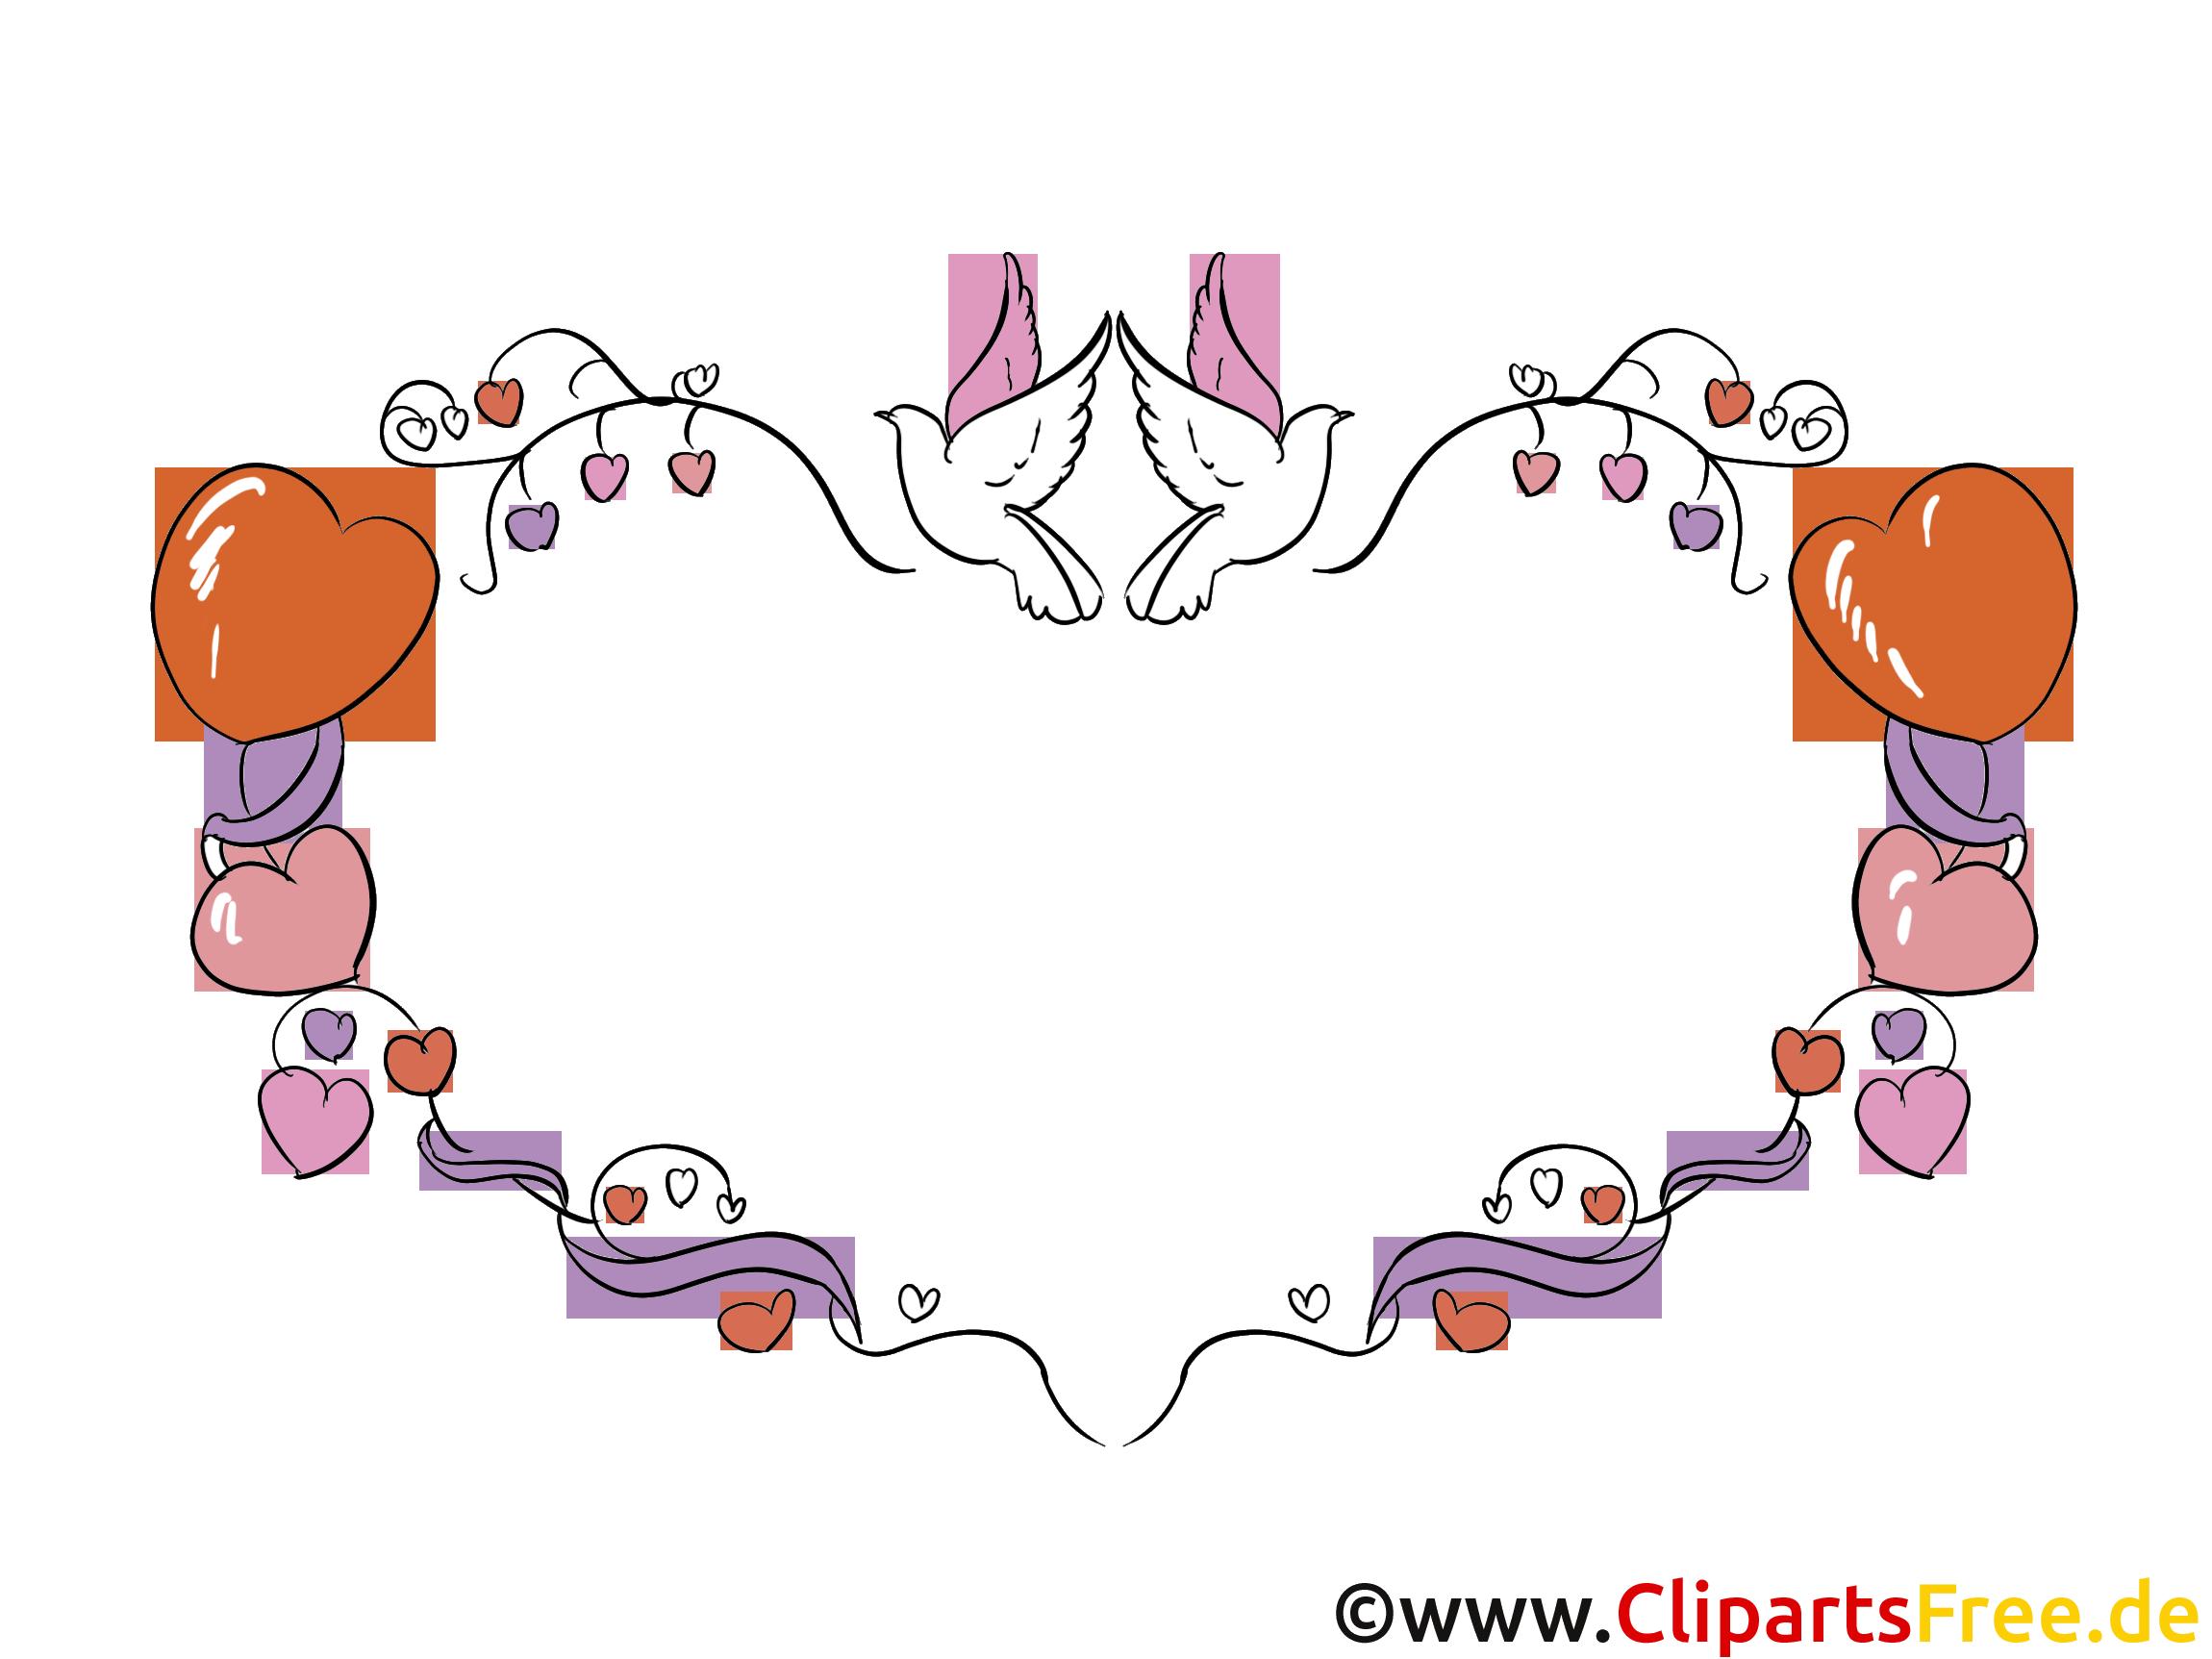 Coeurs cliparts images gratuites coeur dessin picture - Images coeur gratuites ...